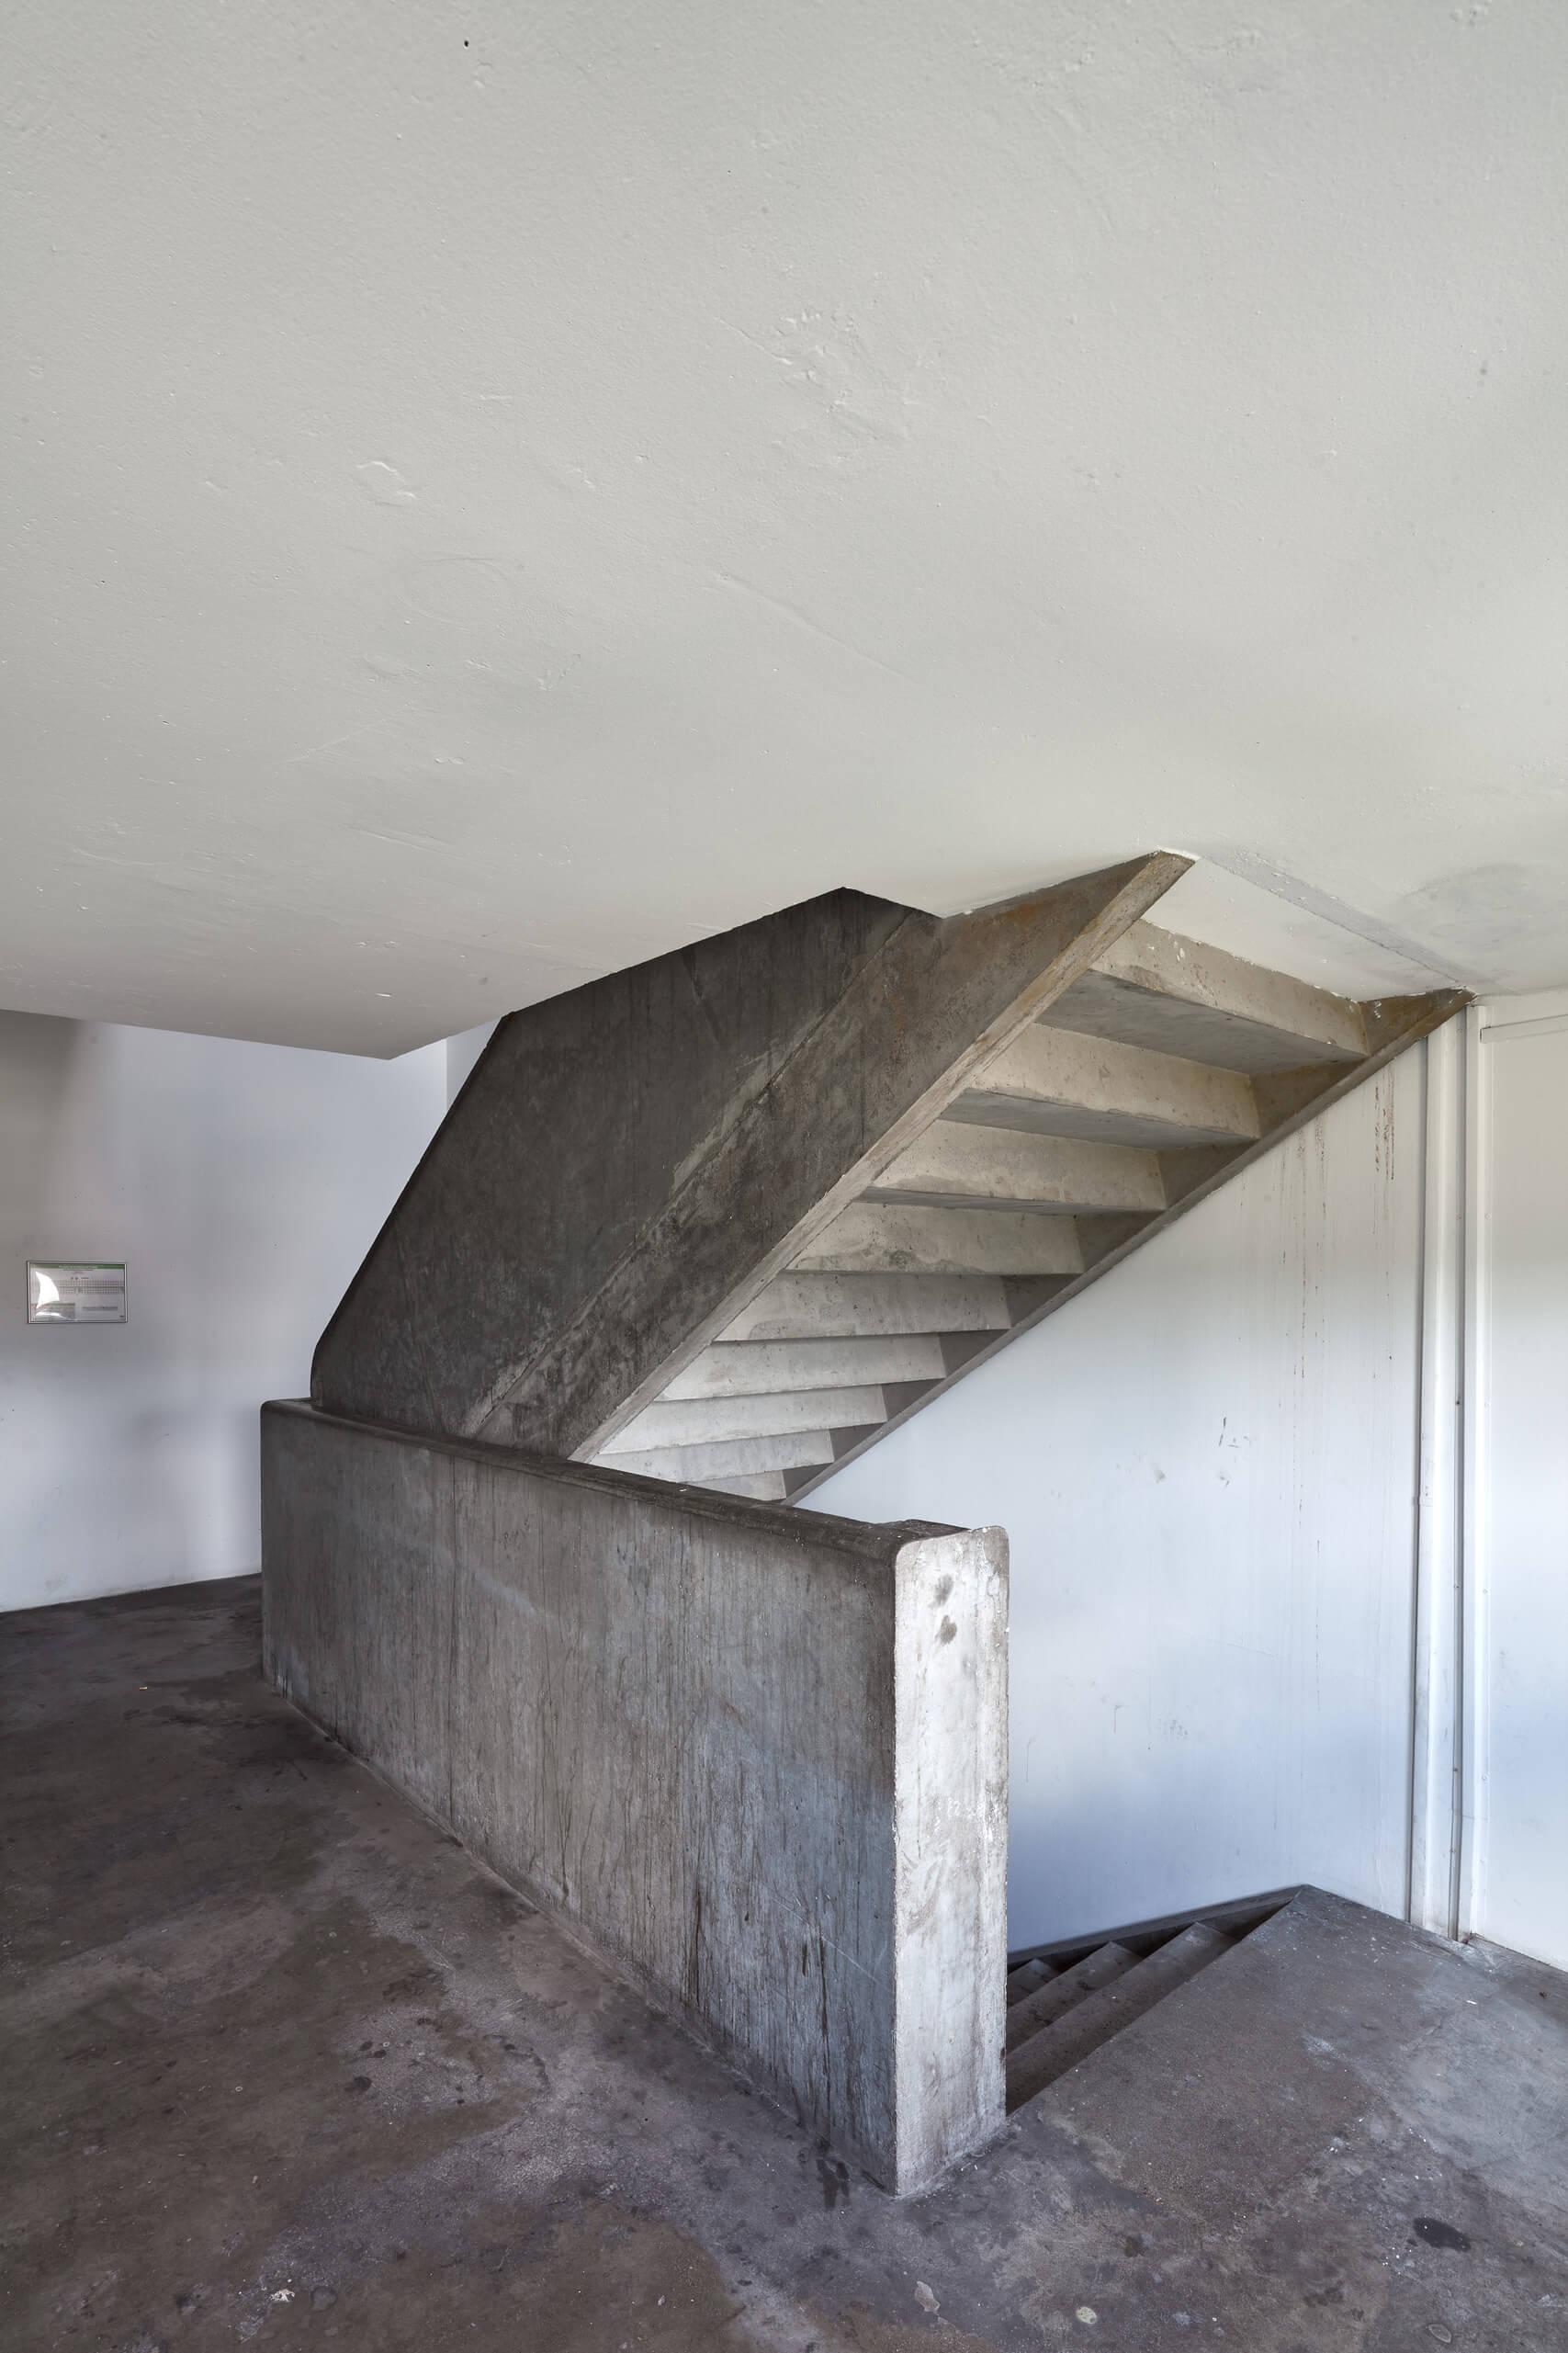 Federico_Covre_Unité_Firminy_Le_Corbusier_2018_48